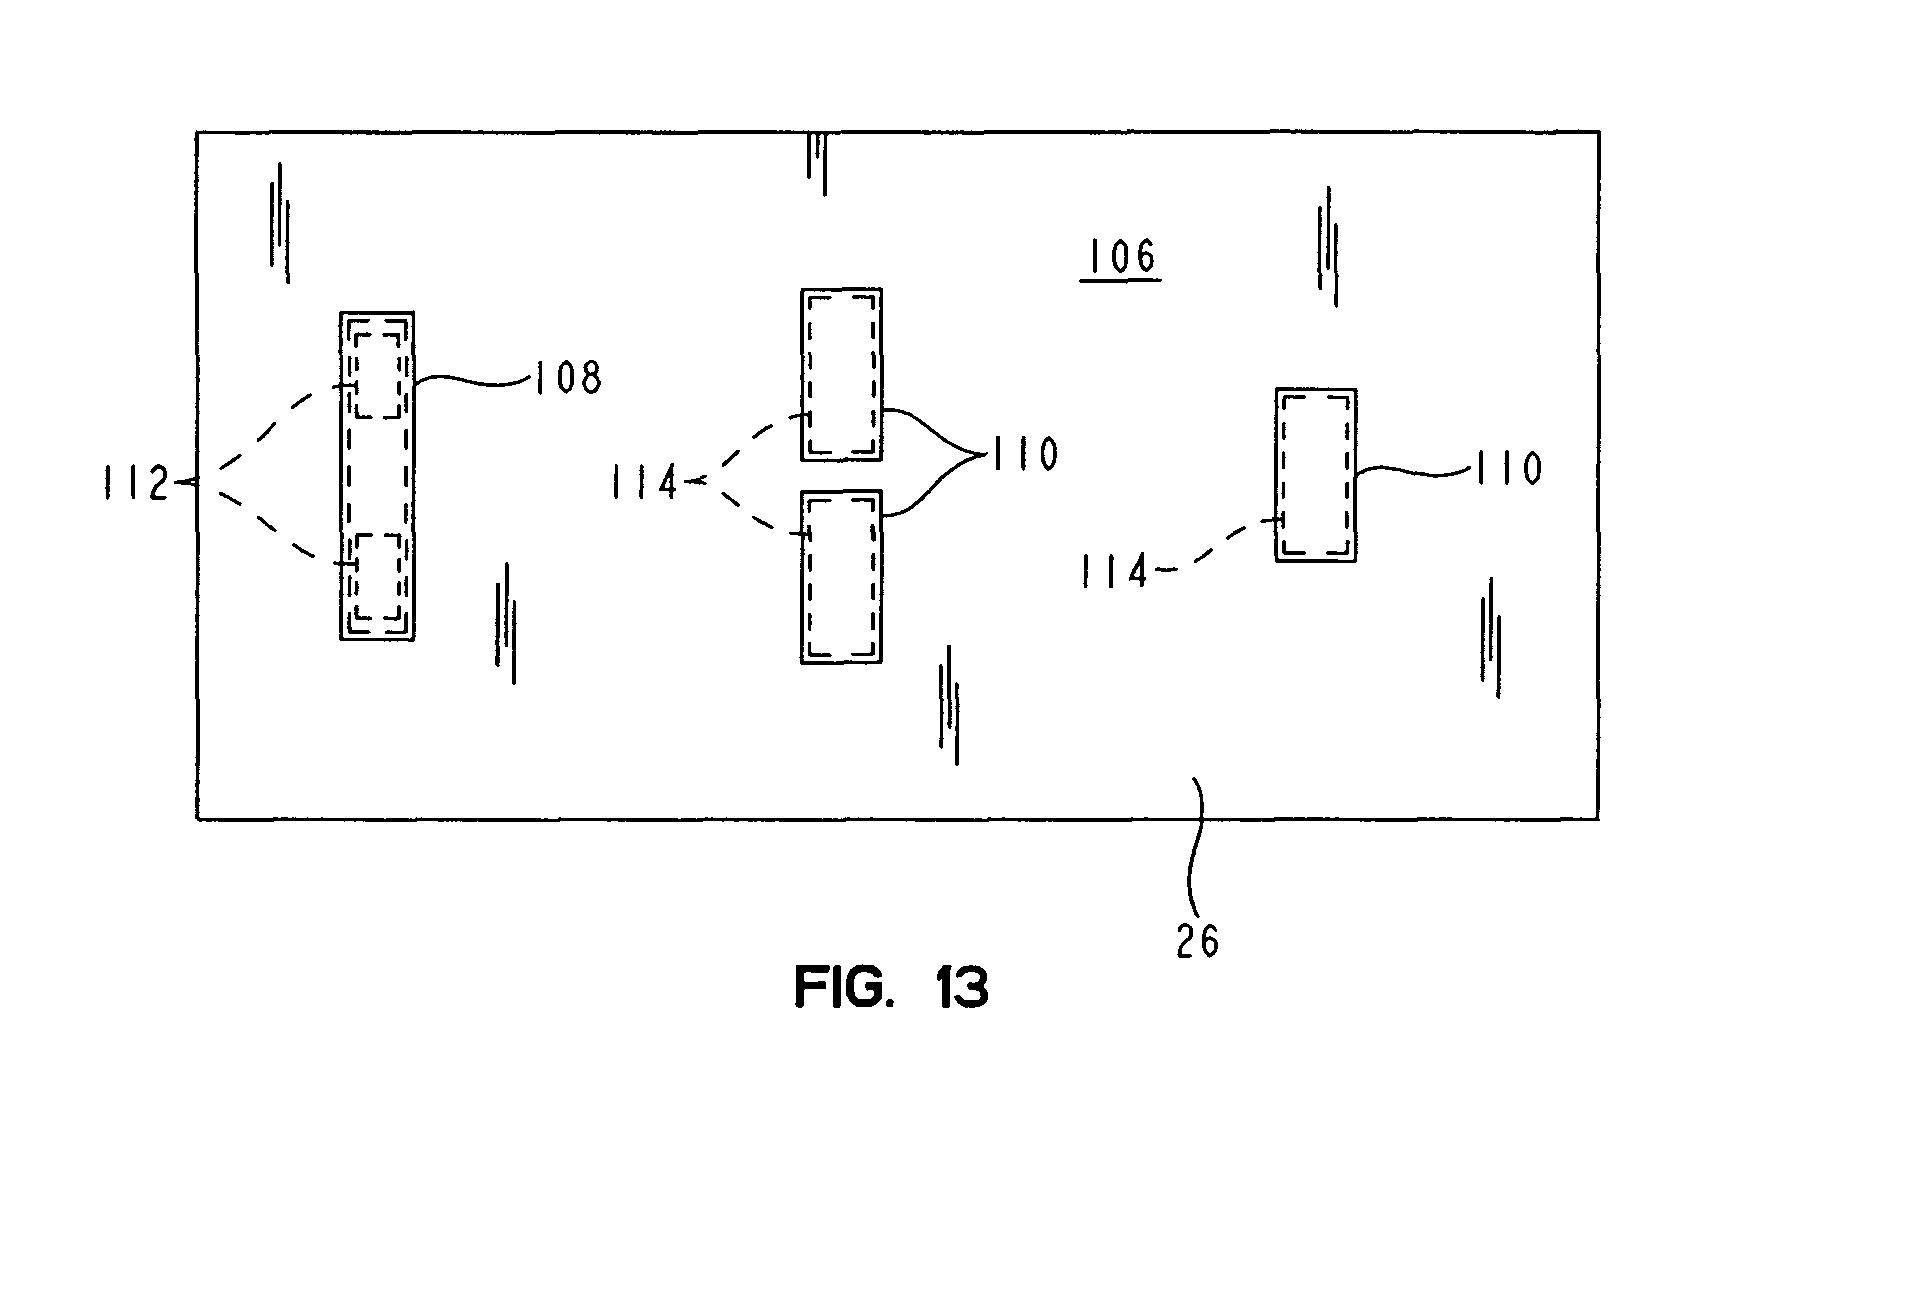 patent ep1602304a1 matratze mit fersendruckentlastungsteil google patentsuche. Black Bedroom Furniture Sets. Home Design Ideas